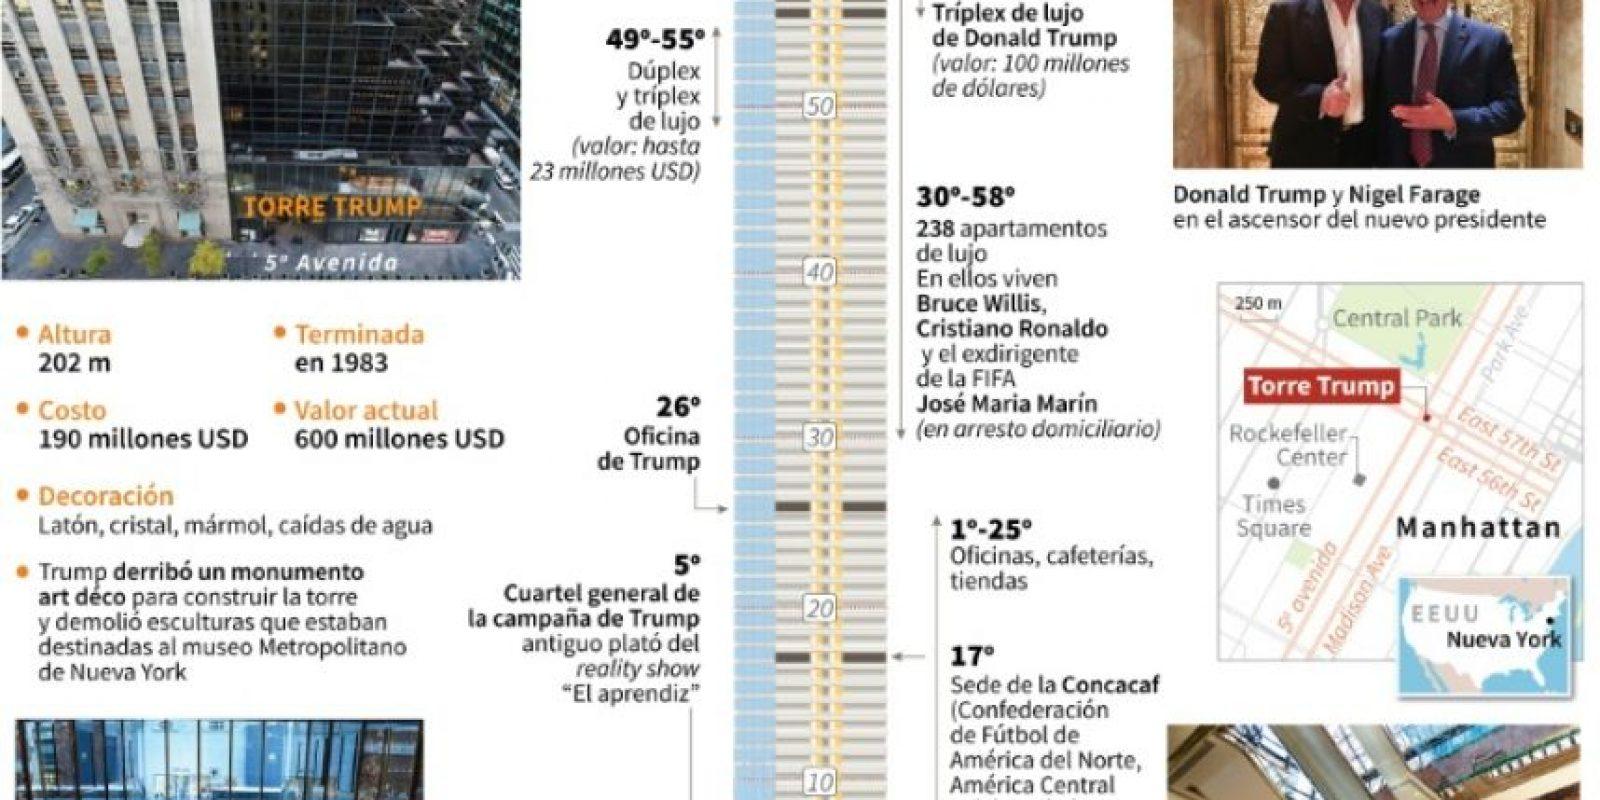 La Torre Trump Foto:Gillian HANDYSIDE, Kun TIAN, Iris ROYER DE VERICOURT, Jose Vicente BERNABEU/afp.com